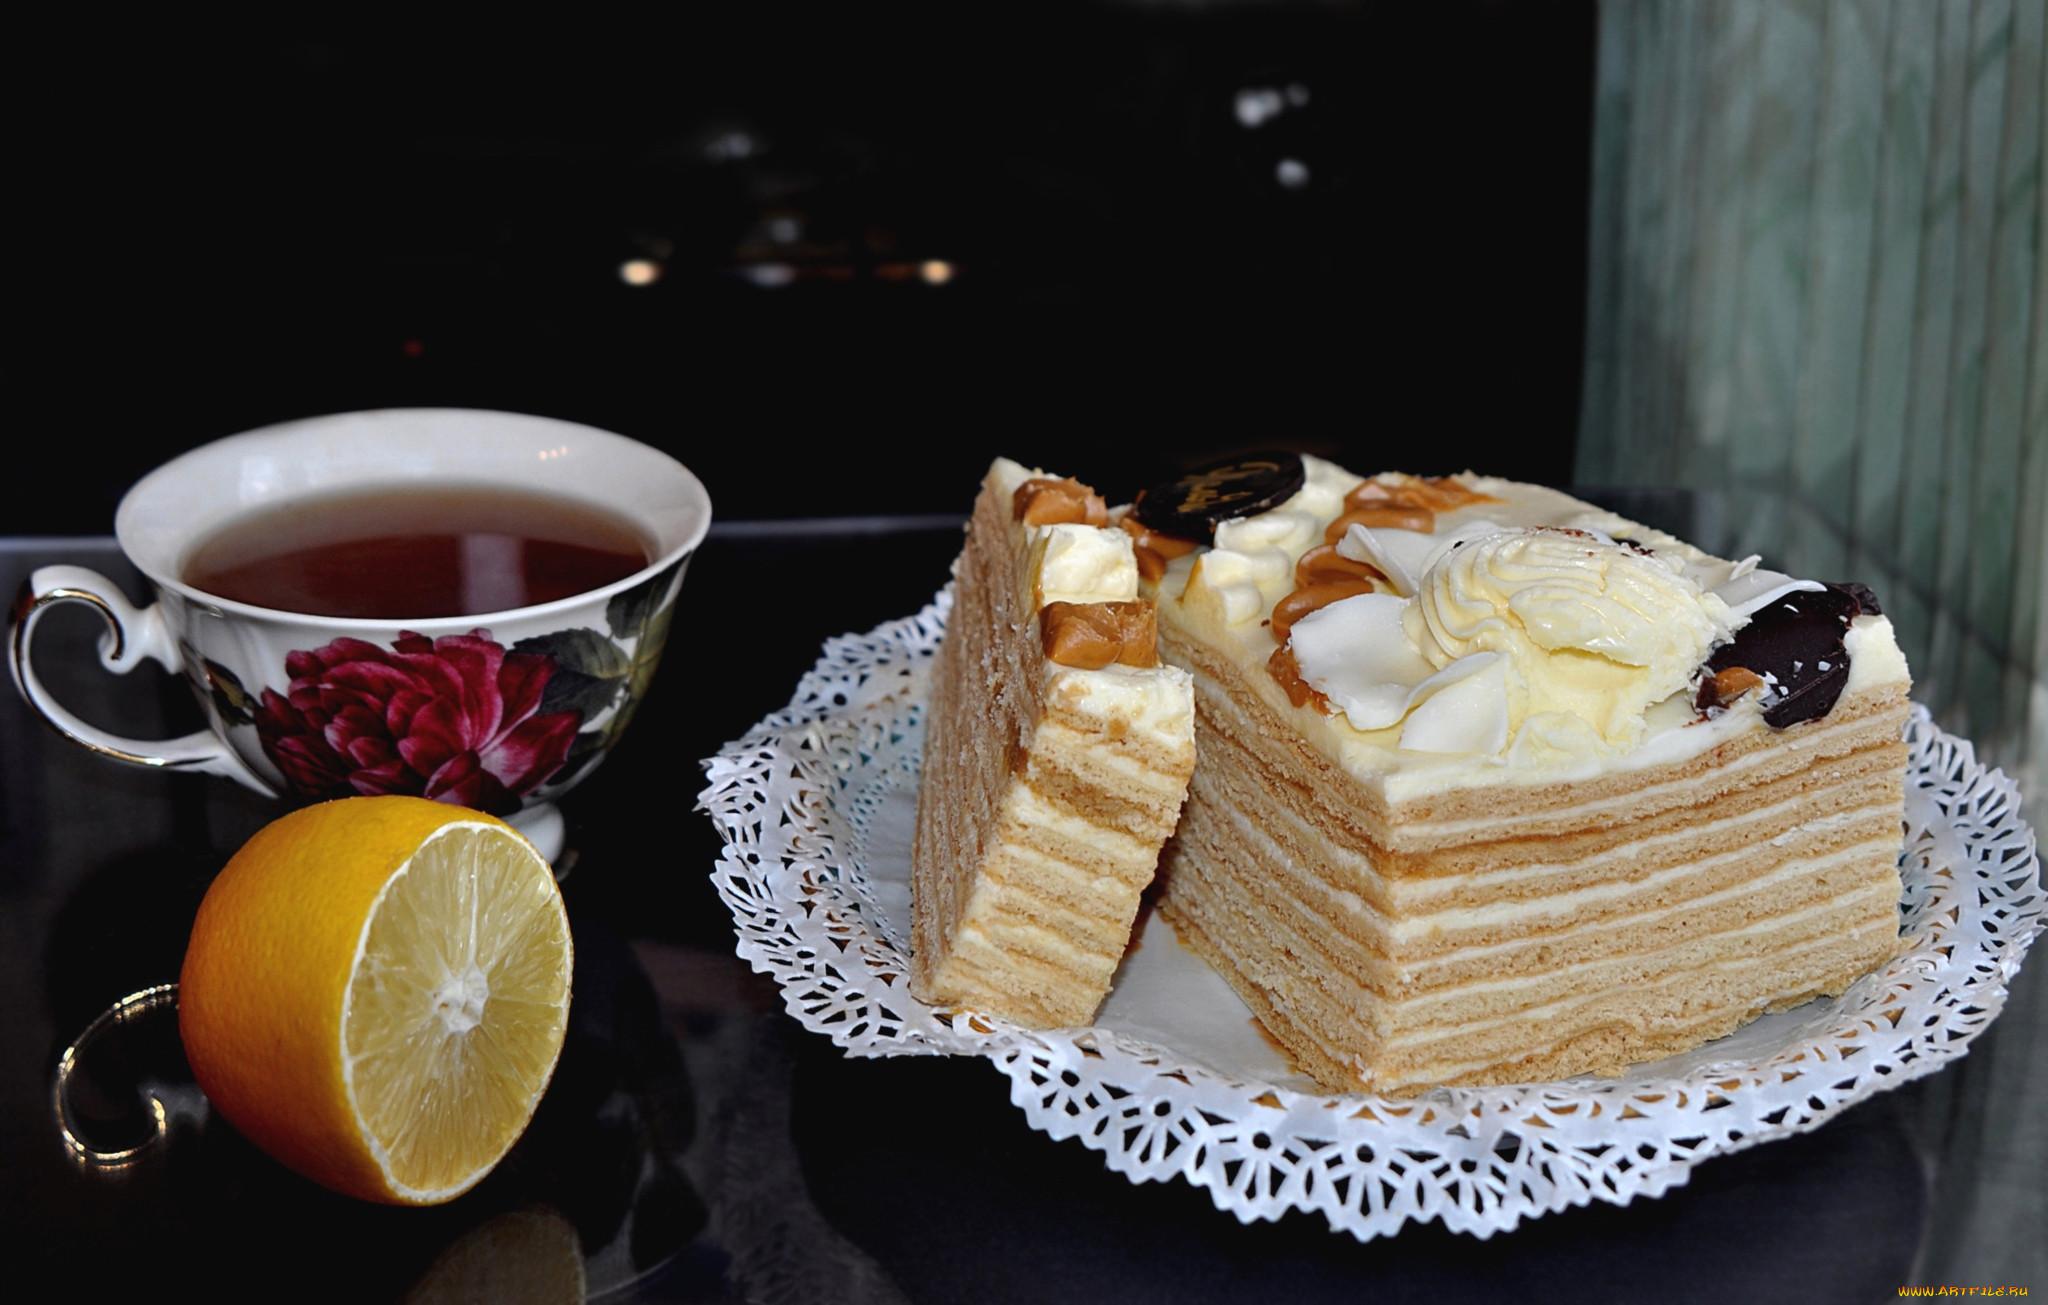 присутствуют практически чай и кусочек торта картинки получила день